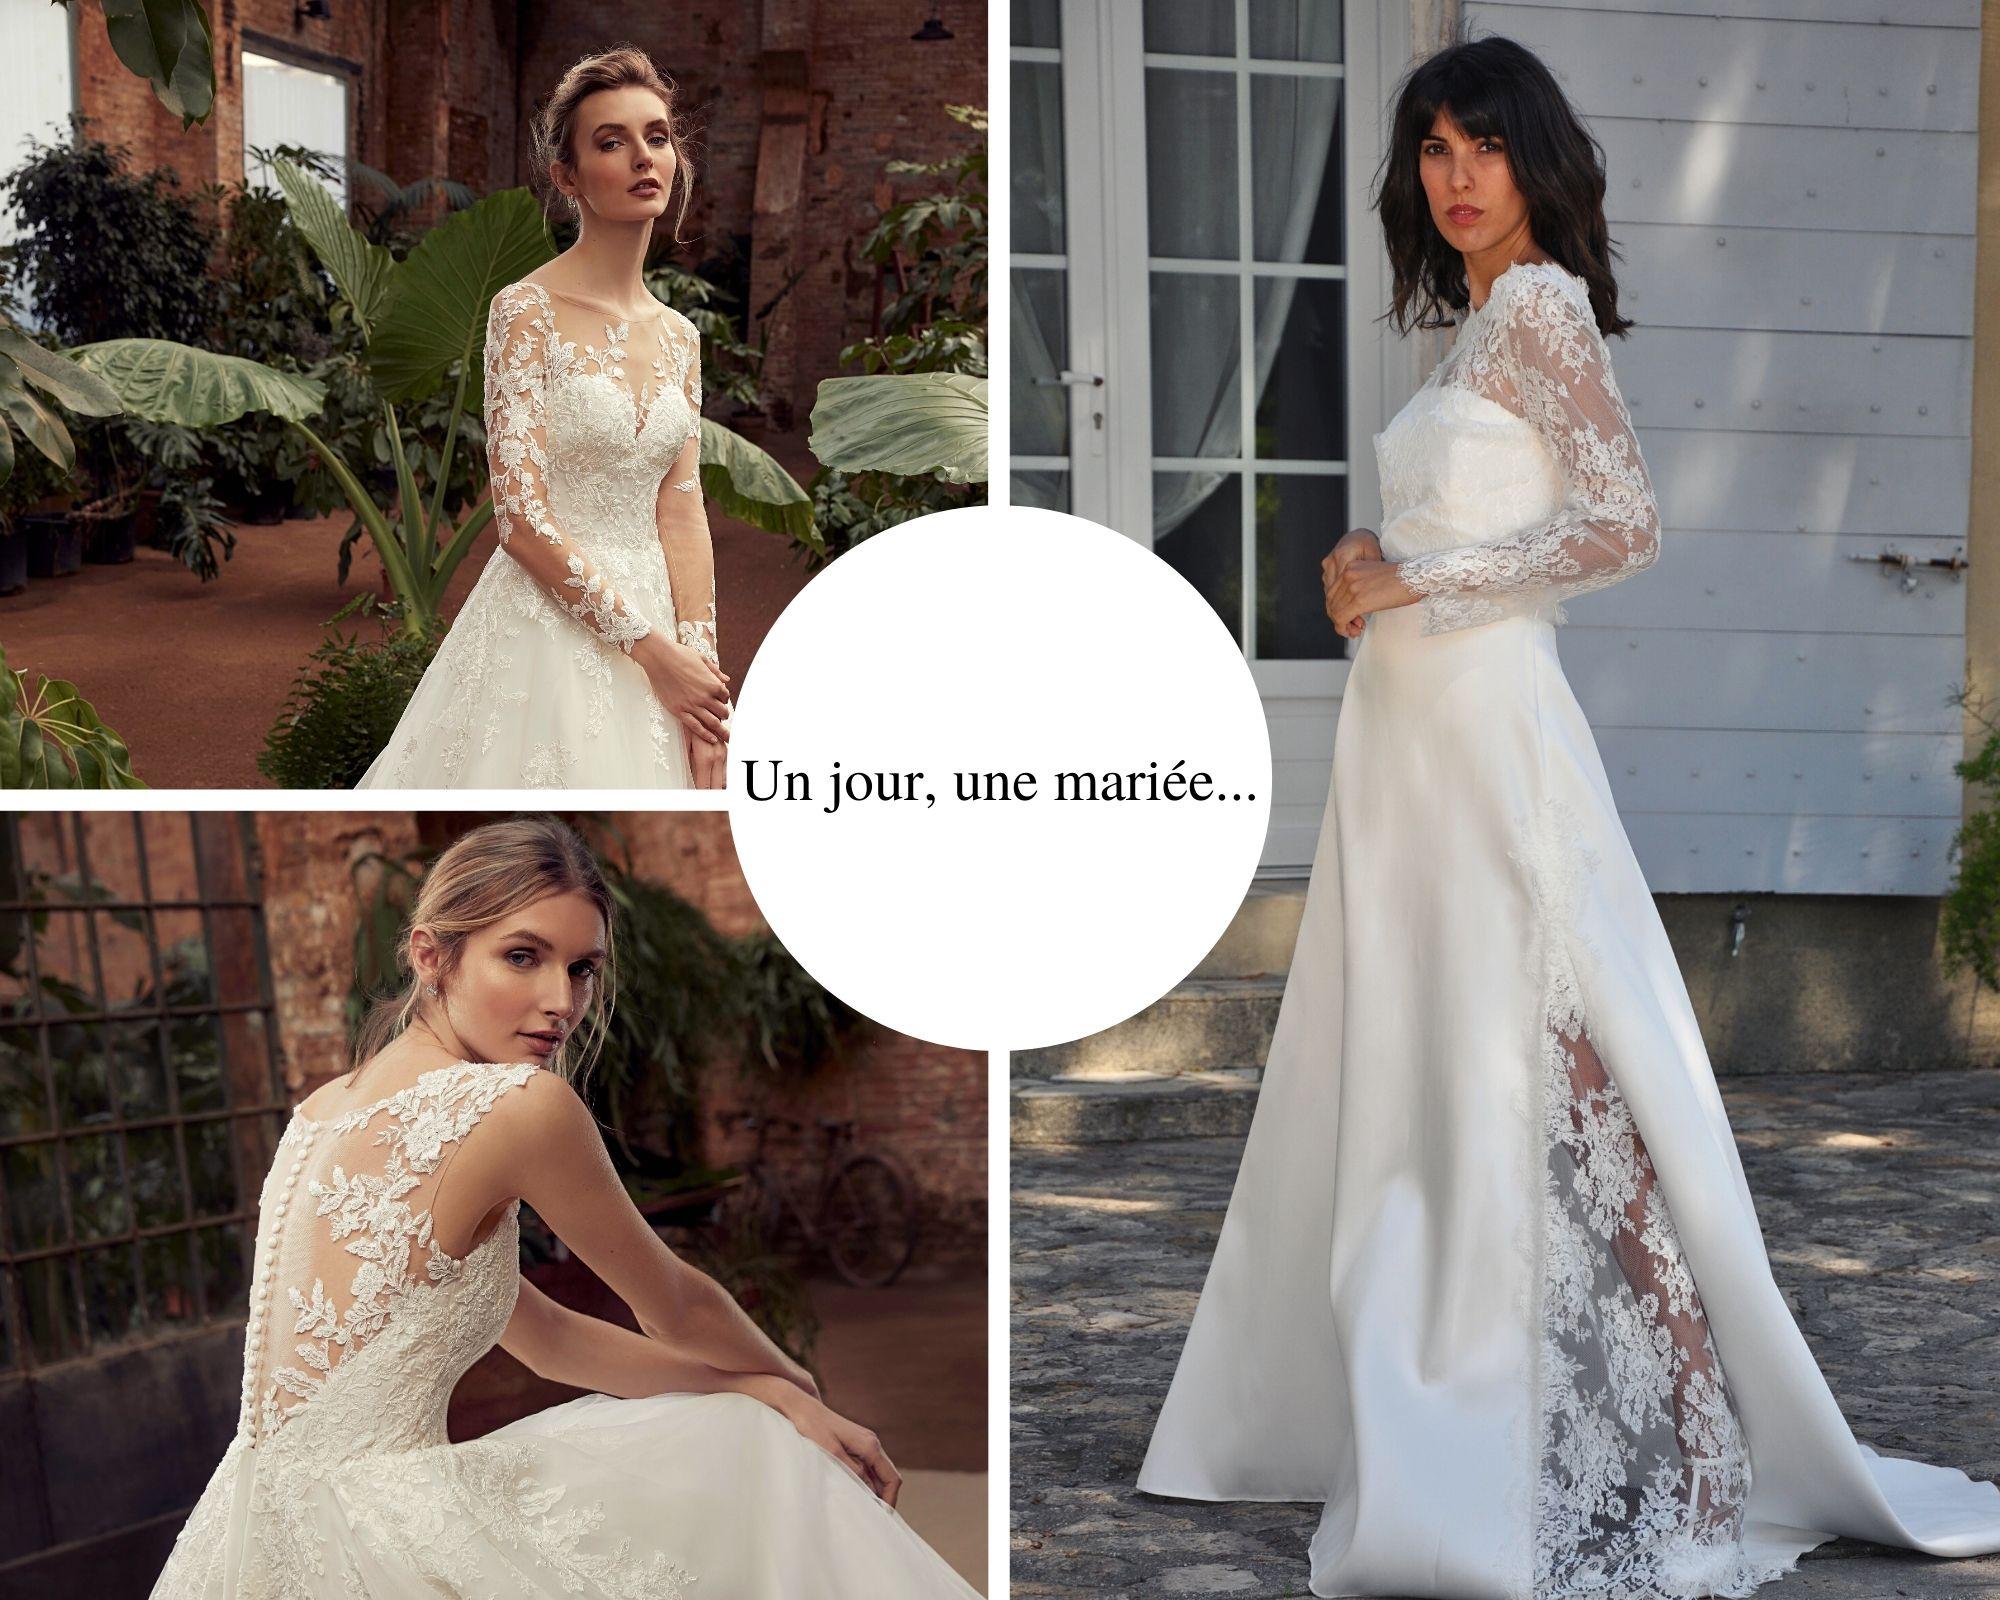 Quelle robe de mariée choisir pour un mariage religieux ?